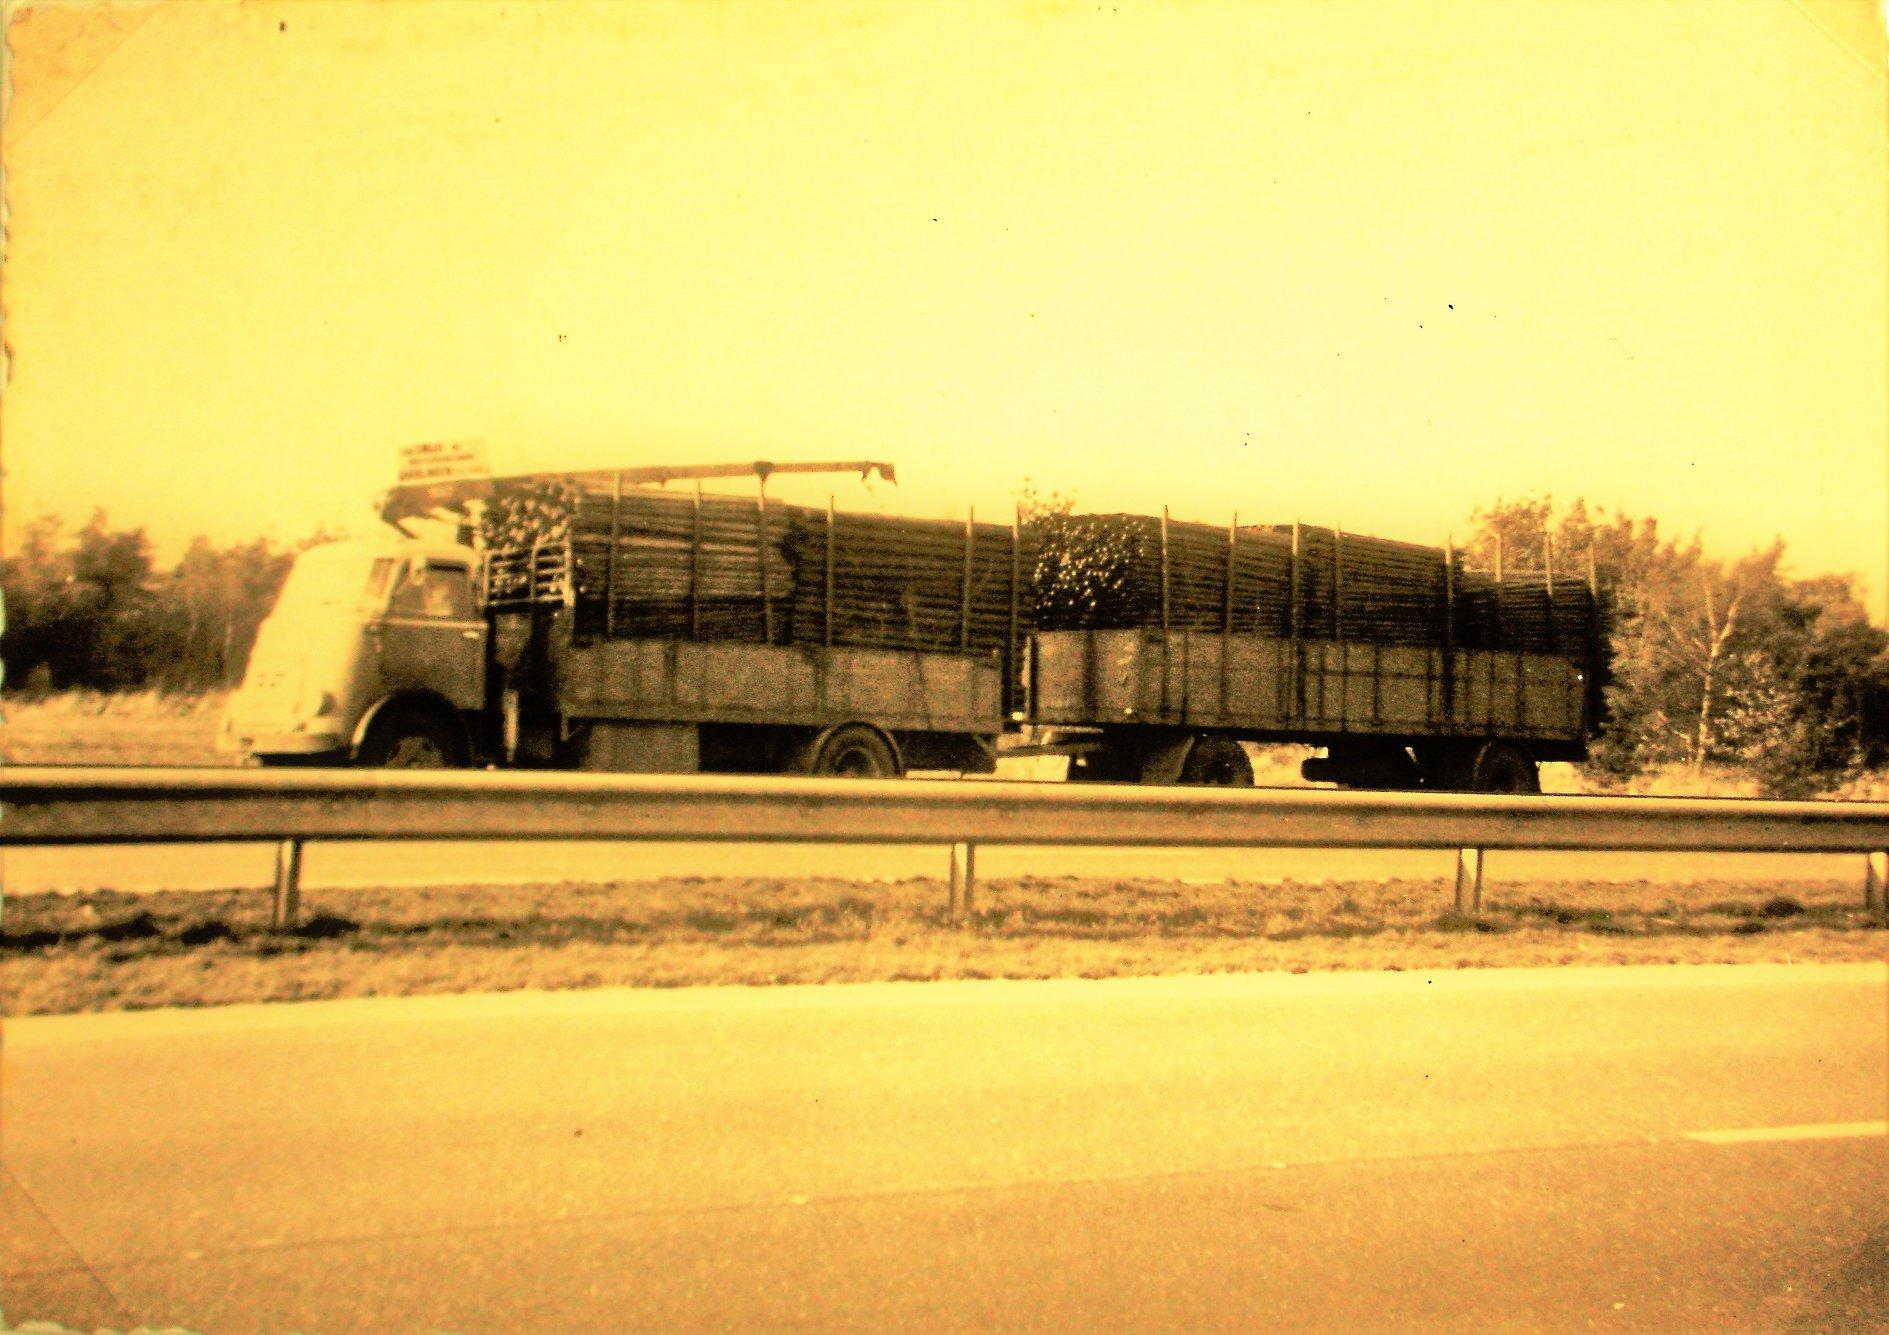 DAF-met-een-DAF-aanhangwagen-uit-1964-van-Y--Kuperus-en-Zn-Transportbedrijf-uit-Wijnaldum-3